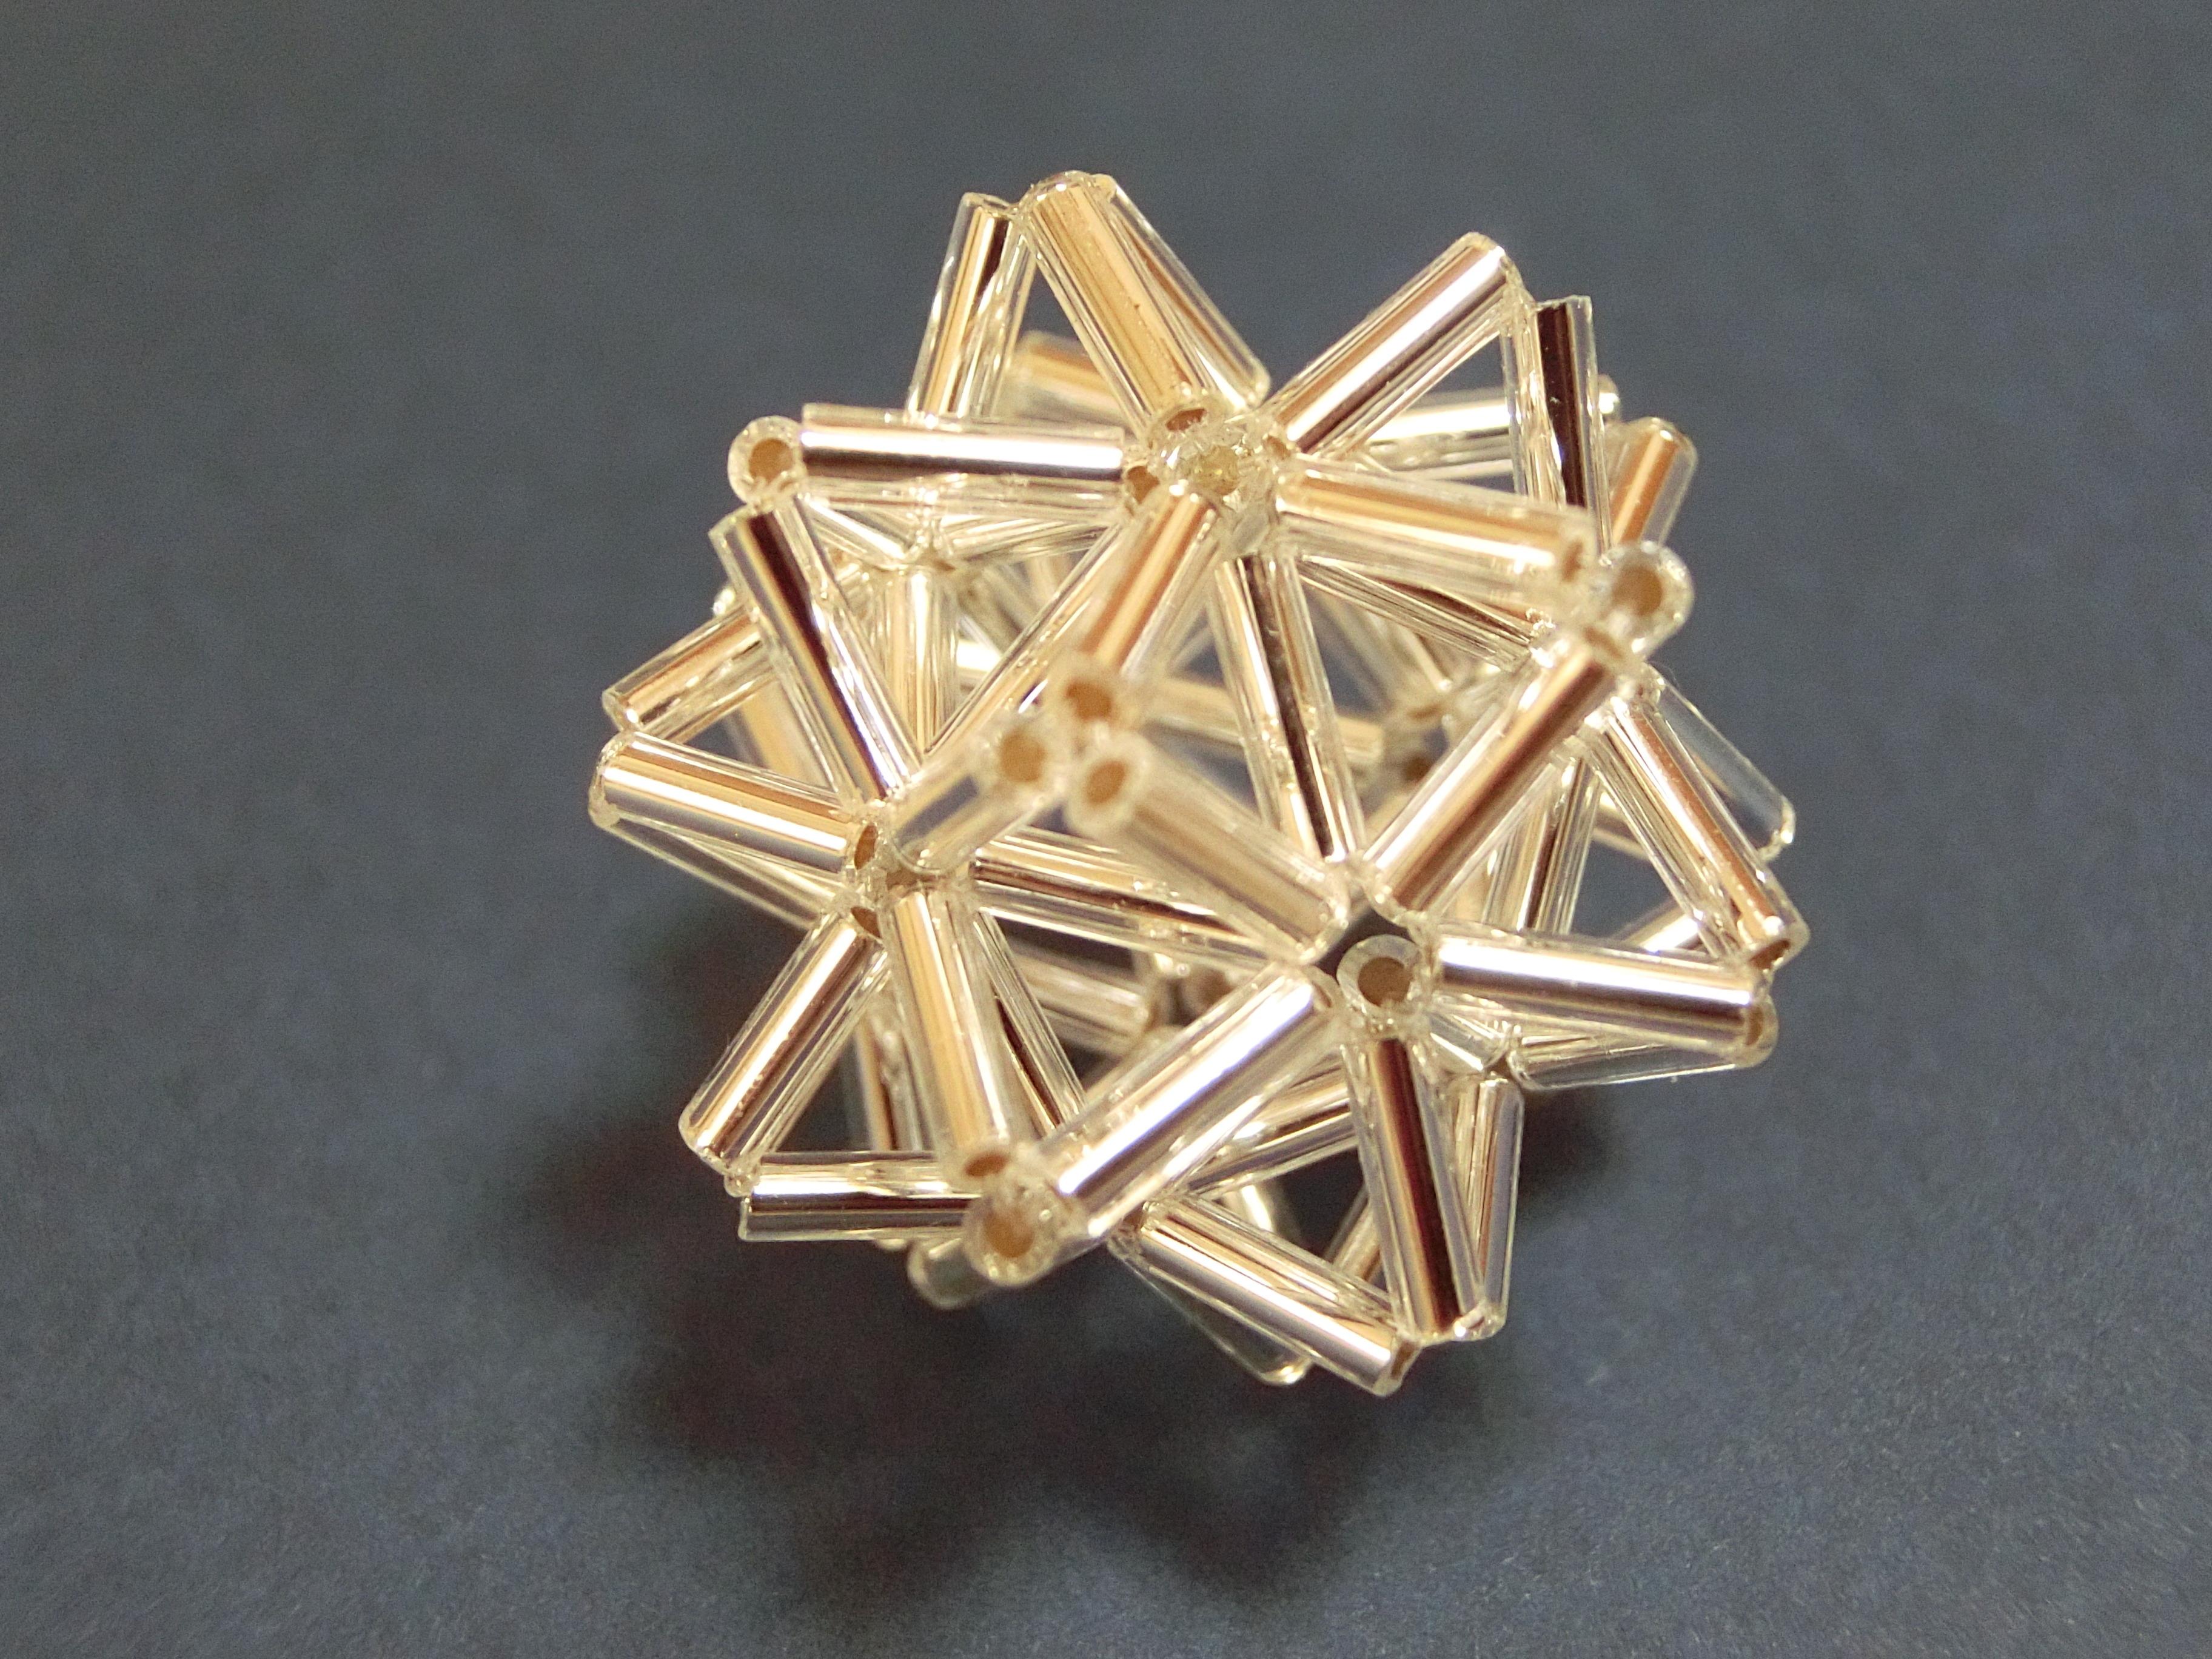 ビーズのダ・ヴィンチの星: 天空の宇宙庭園と幾何学の日々